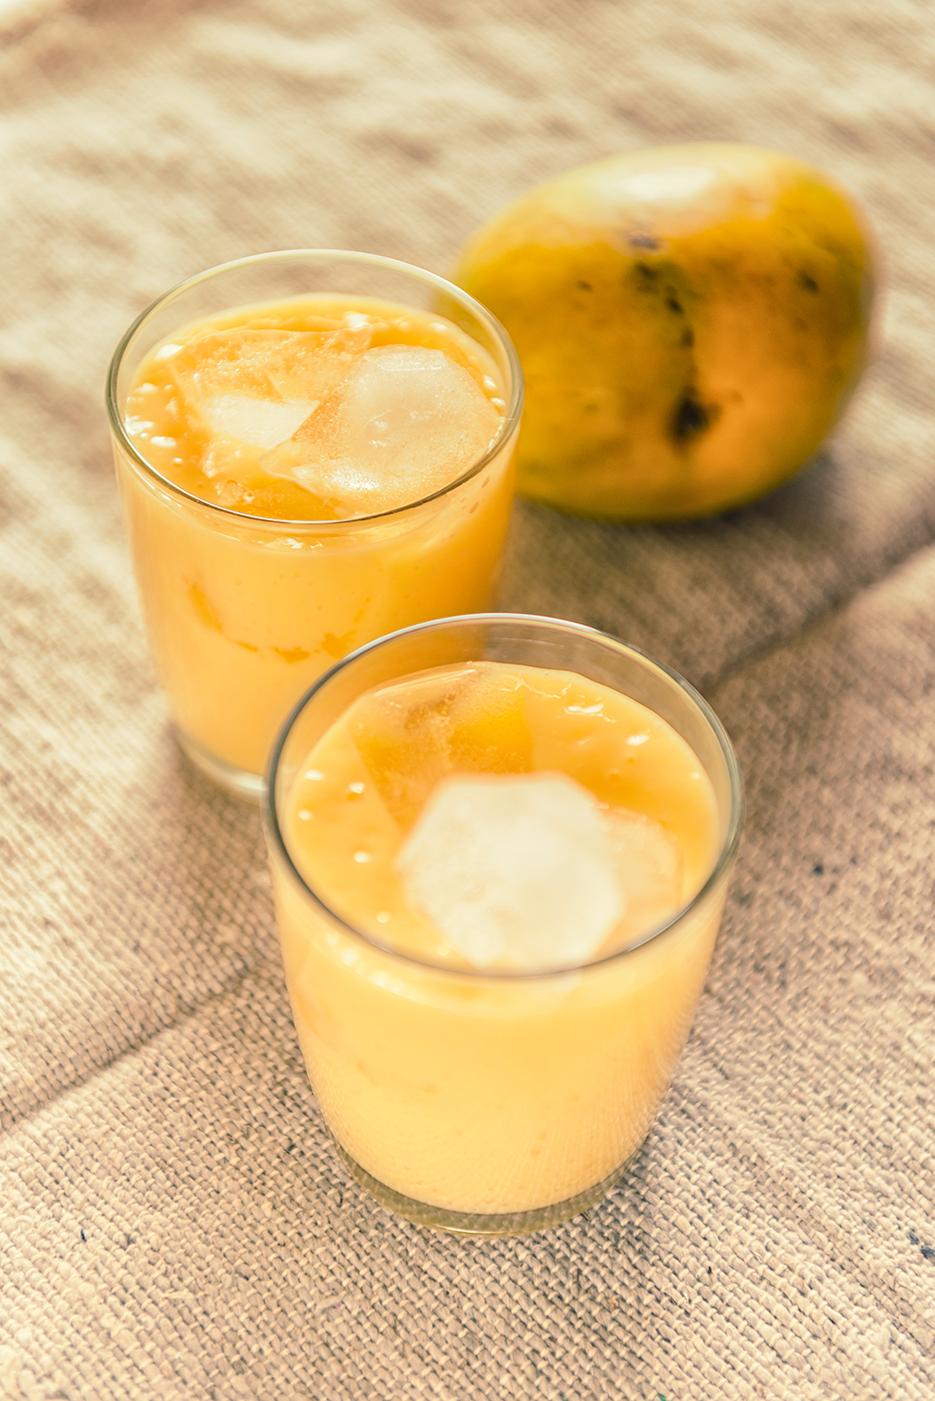 Mango Milkshake. Food & Beverage photography. Photography by professional Indian lifestyle photographer Naina Redhu of Naina.co